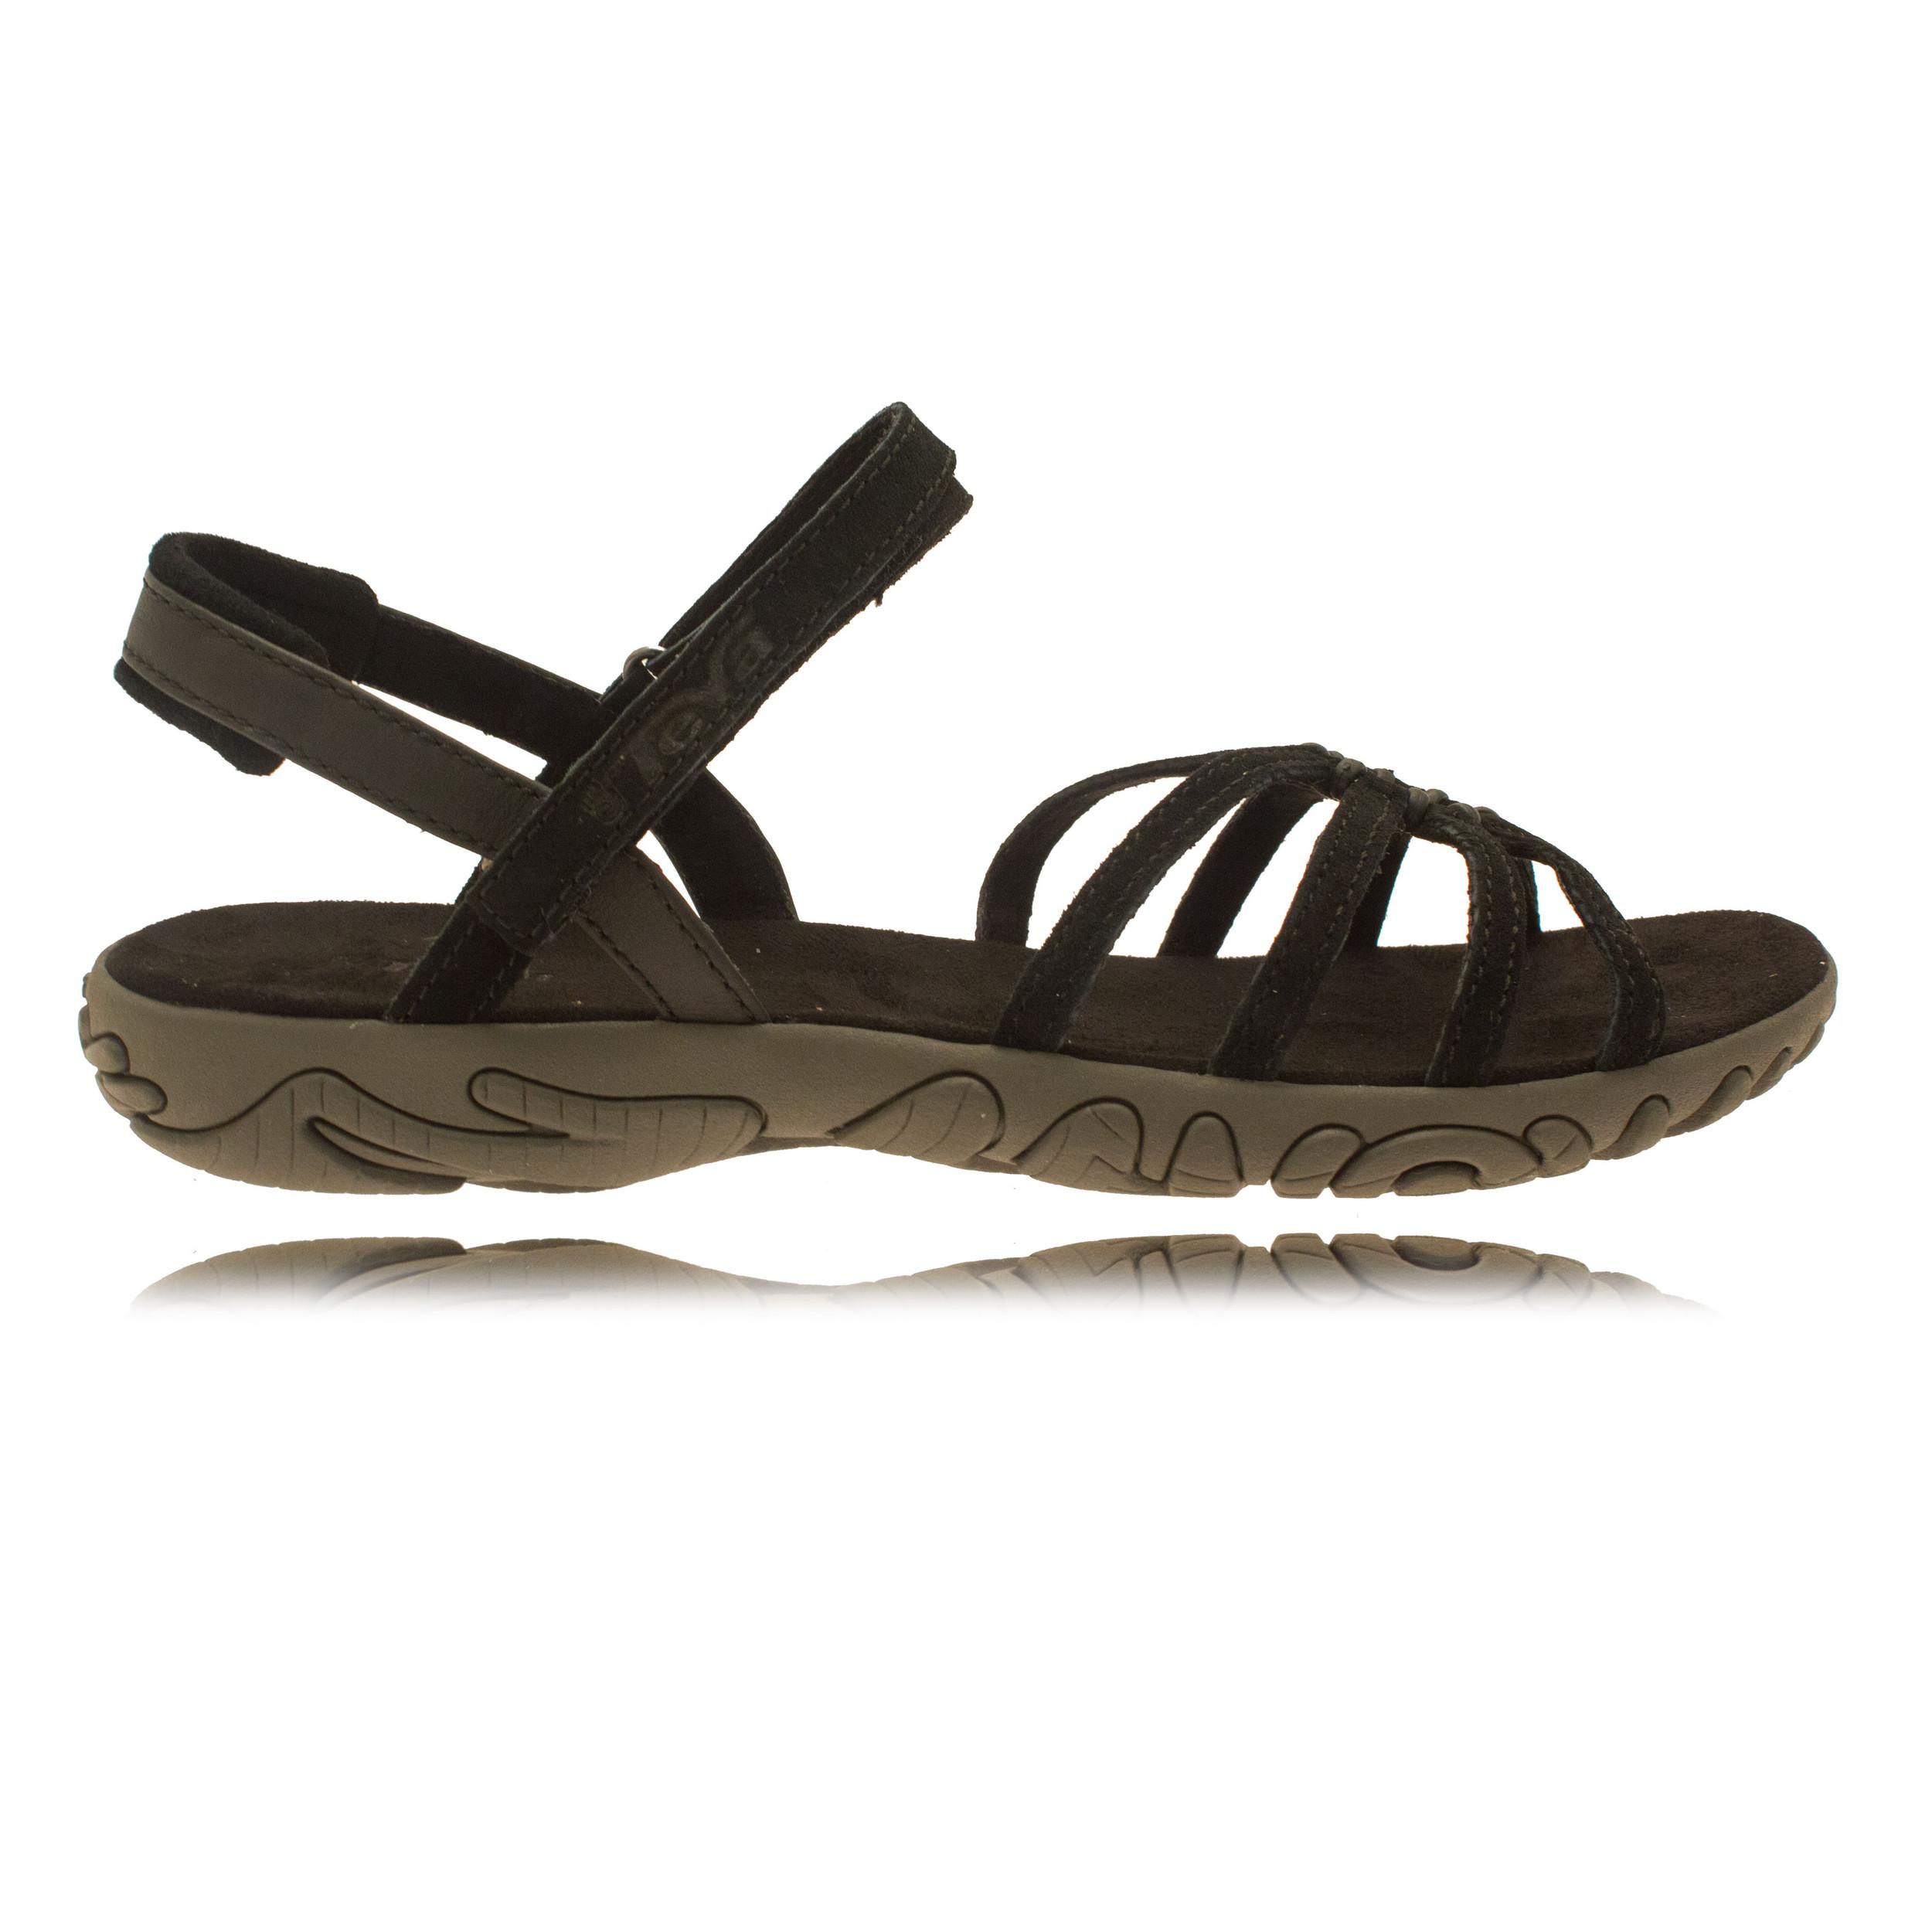 teva kayenta suede damen trekkingsandalen wanderschuhe outdoor sandalen schwarz ebay